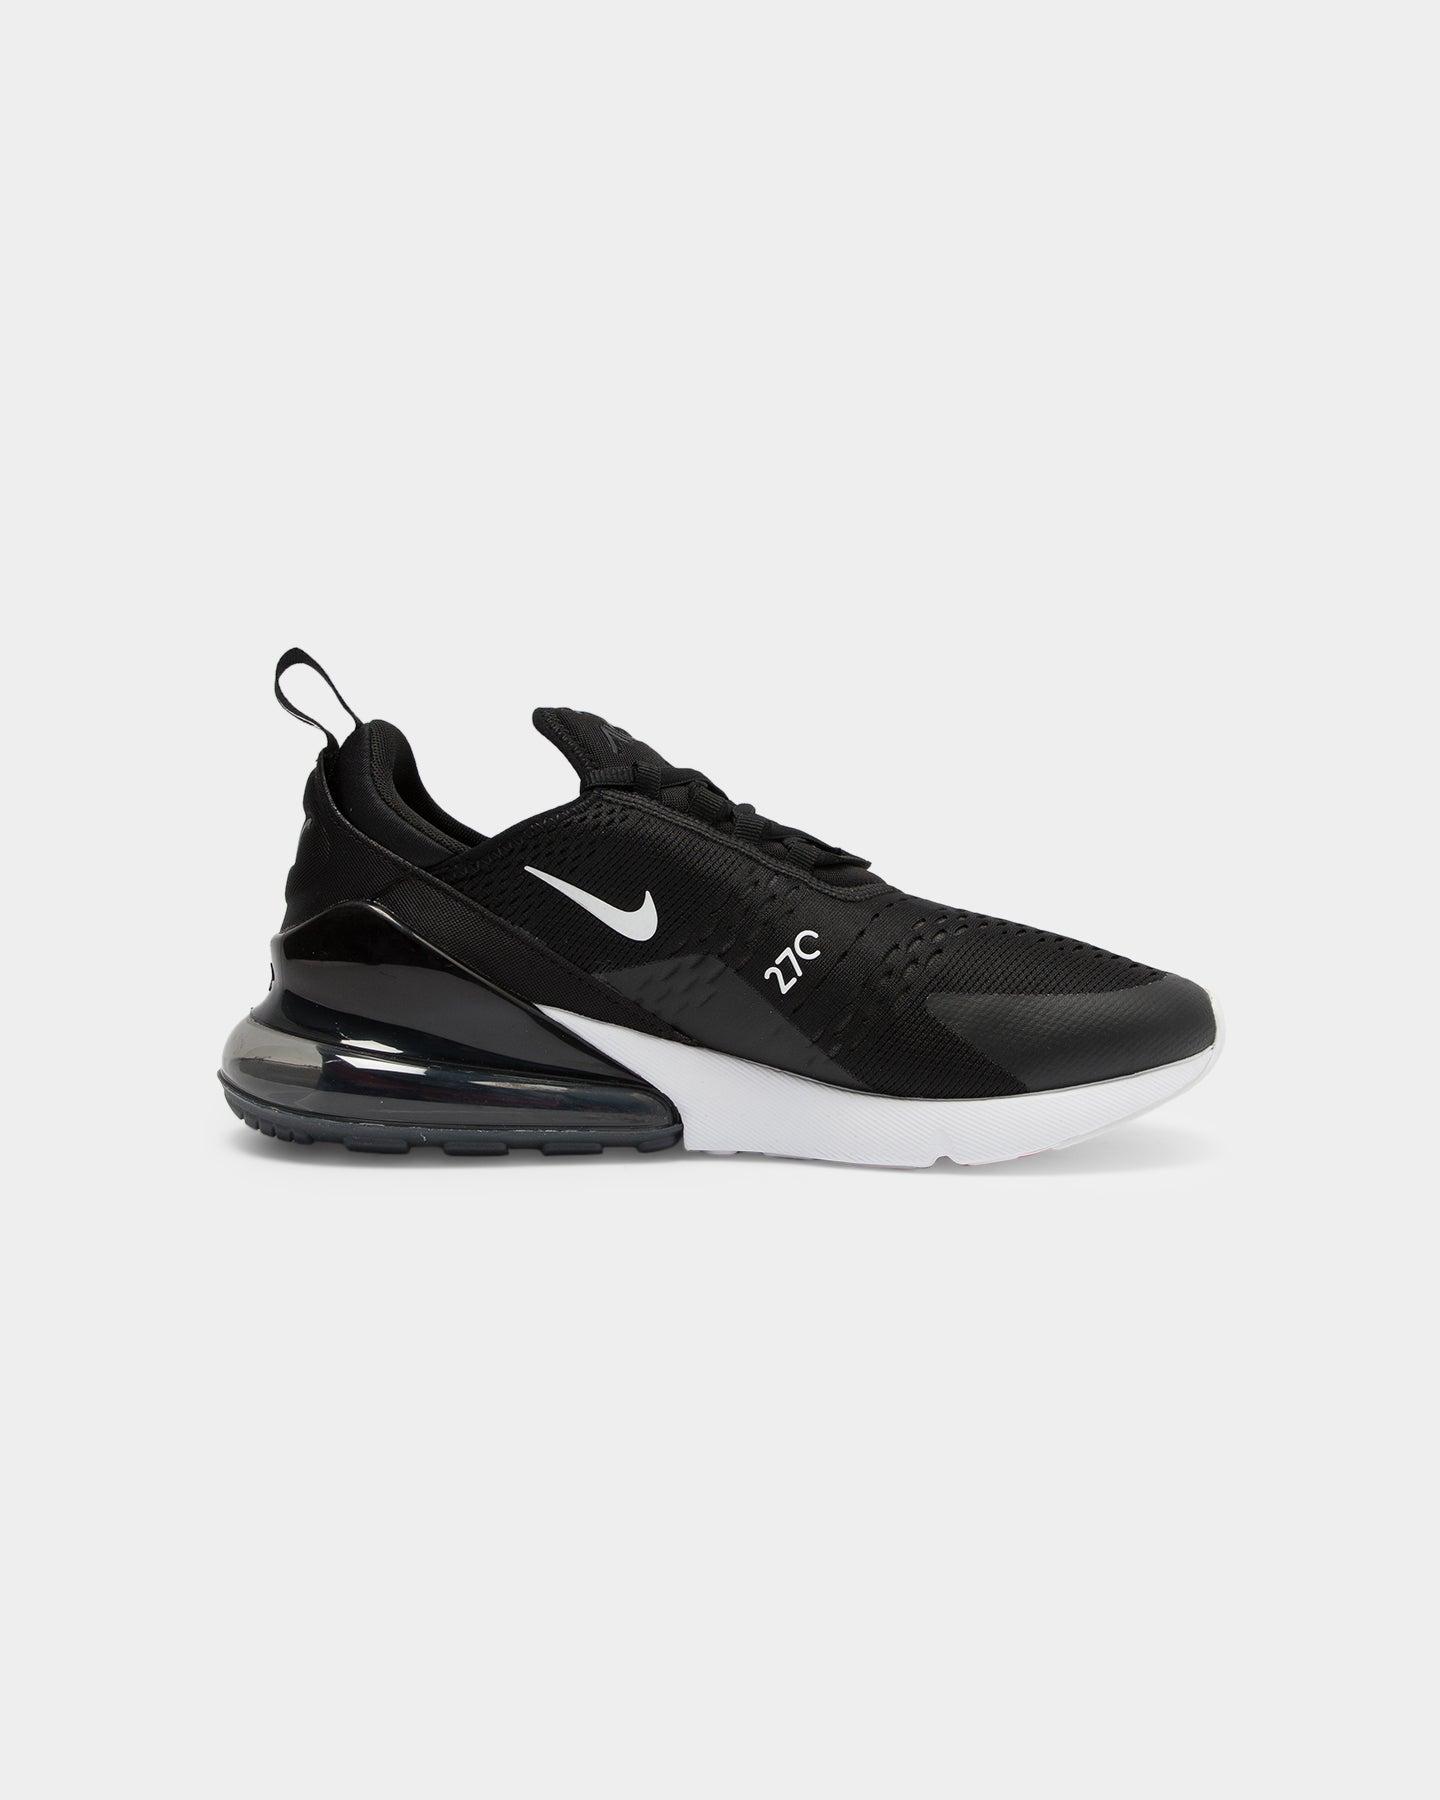 Nike Air Max 270 Black/White   Culture